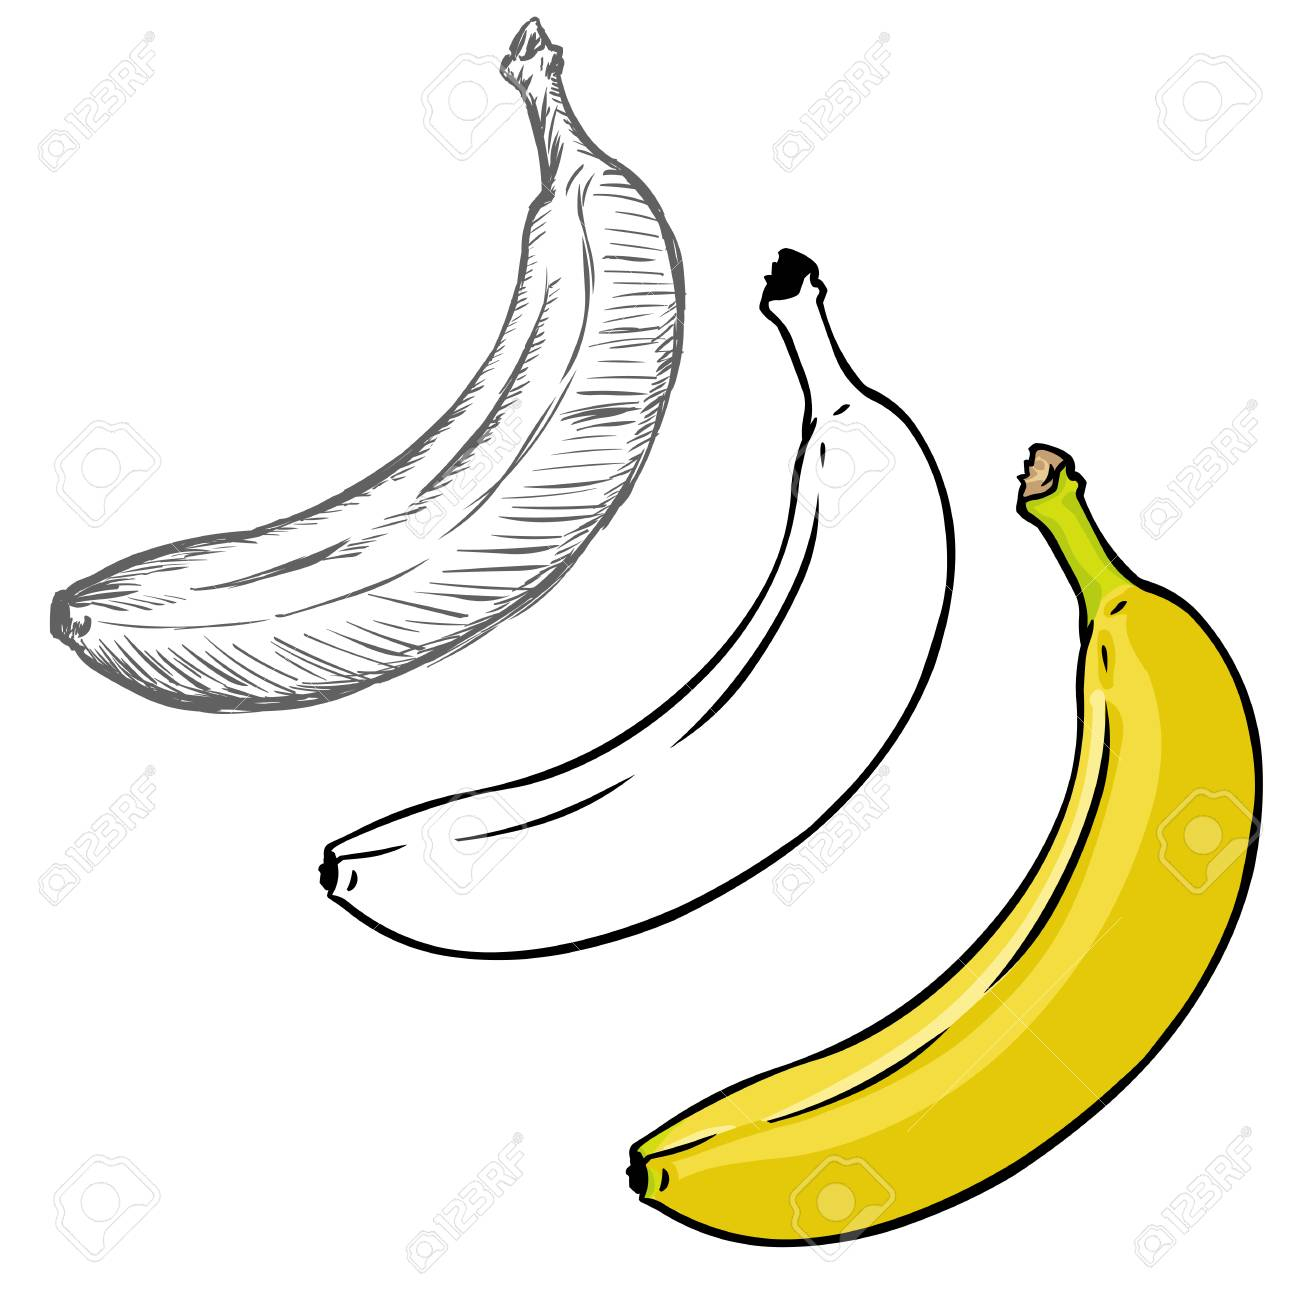 Vecteur Série De Bananes De Style Différente Illustration. Processus De  Dessin destiné Dessiner Une Banane